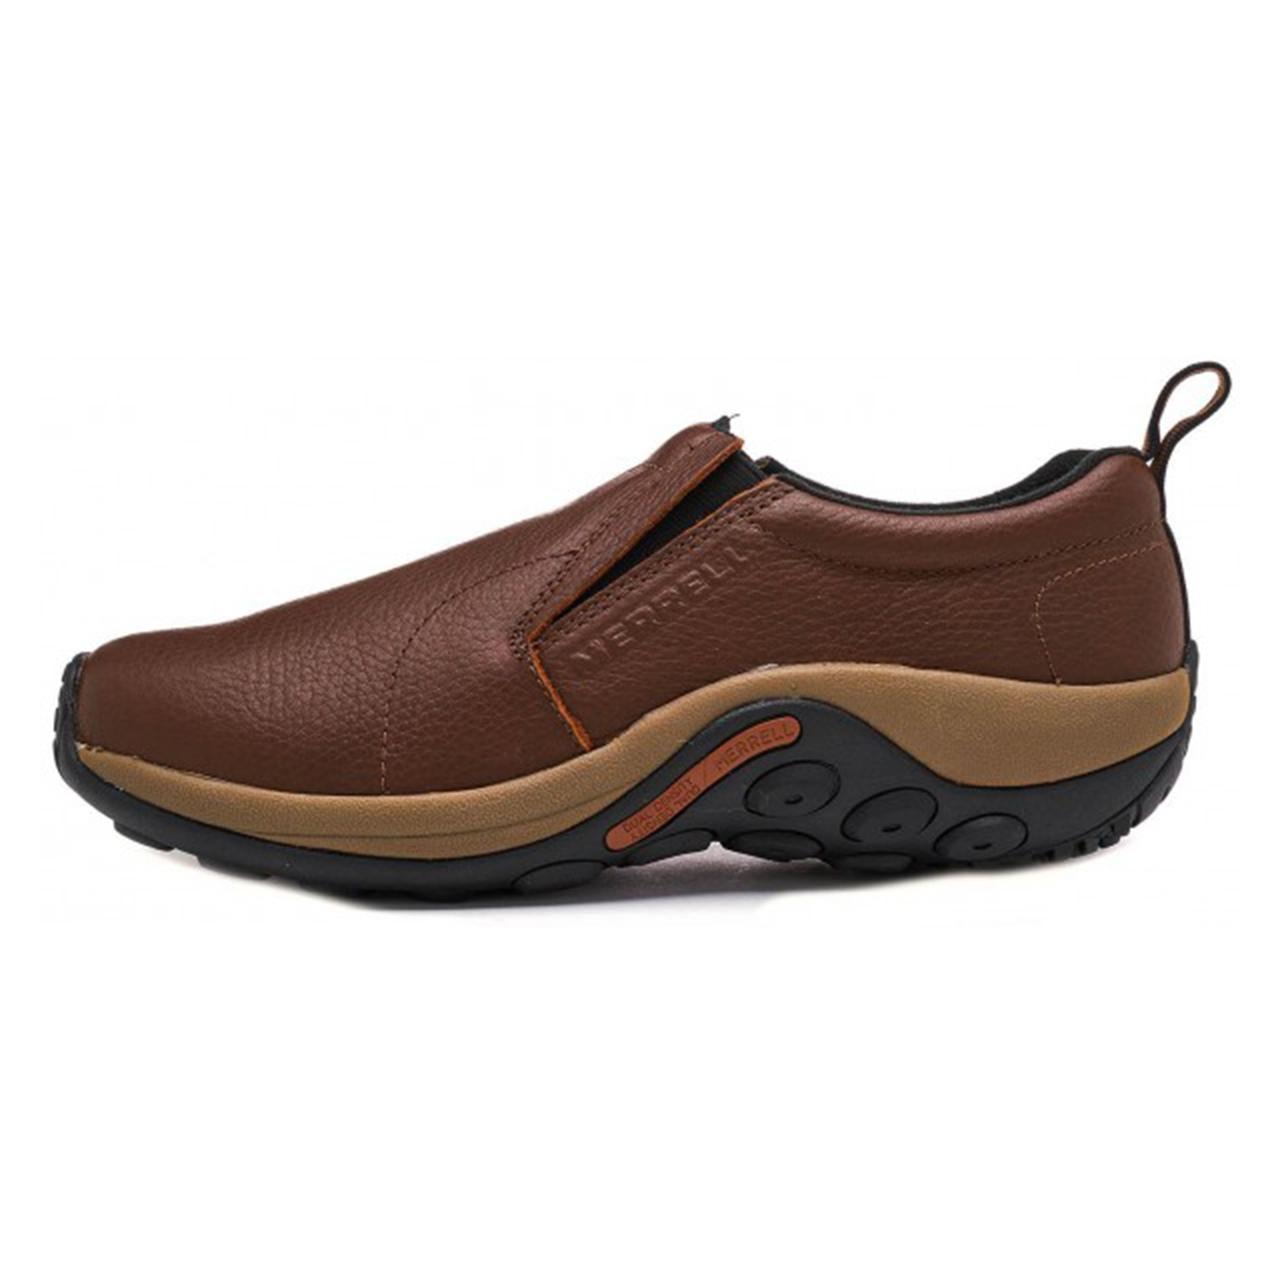 قیمت کفش راحتی مردانه مرل مدل 39817